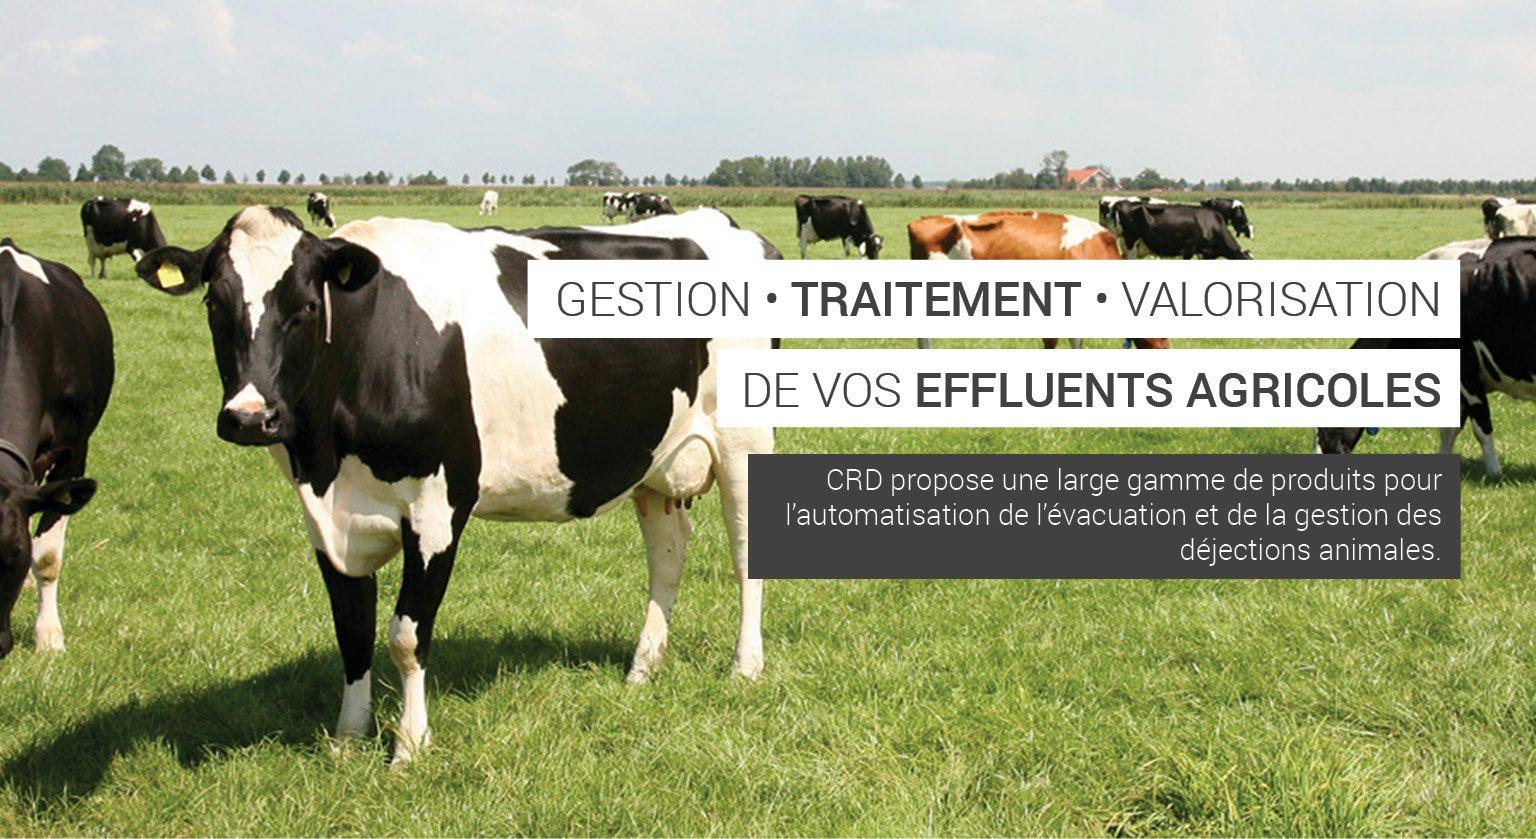 Tous les produits agricoles pour l'évacuation des déjections animales